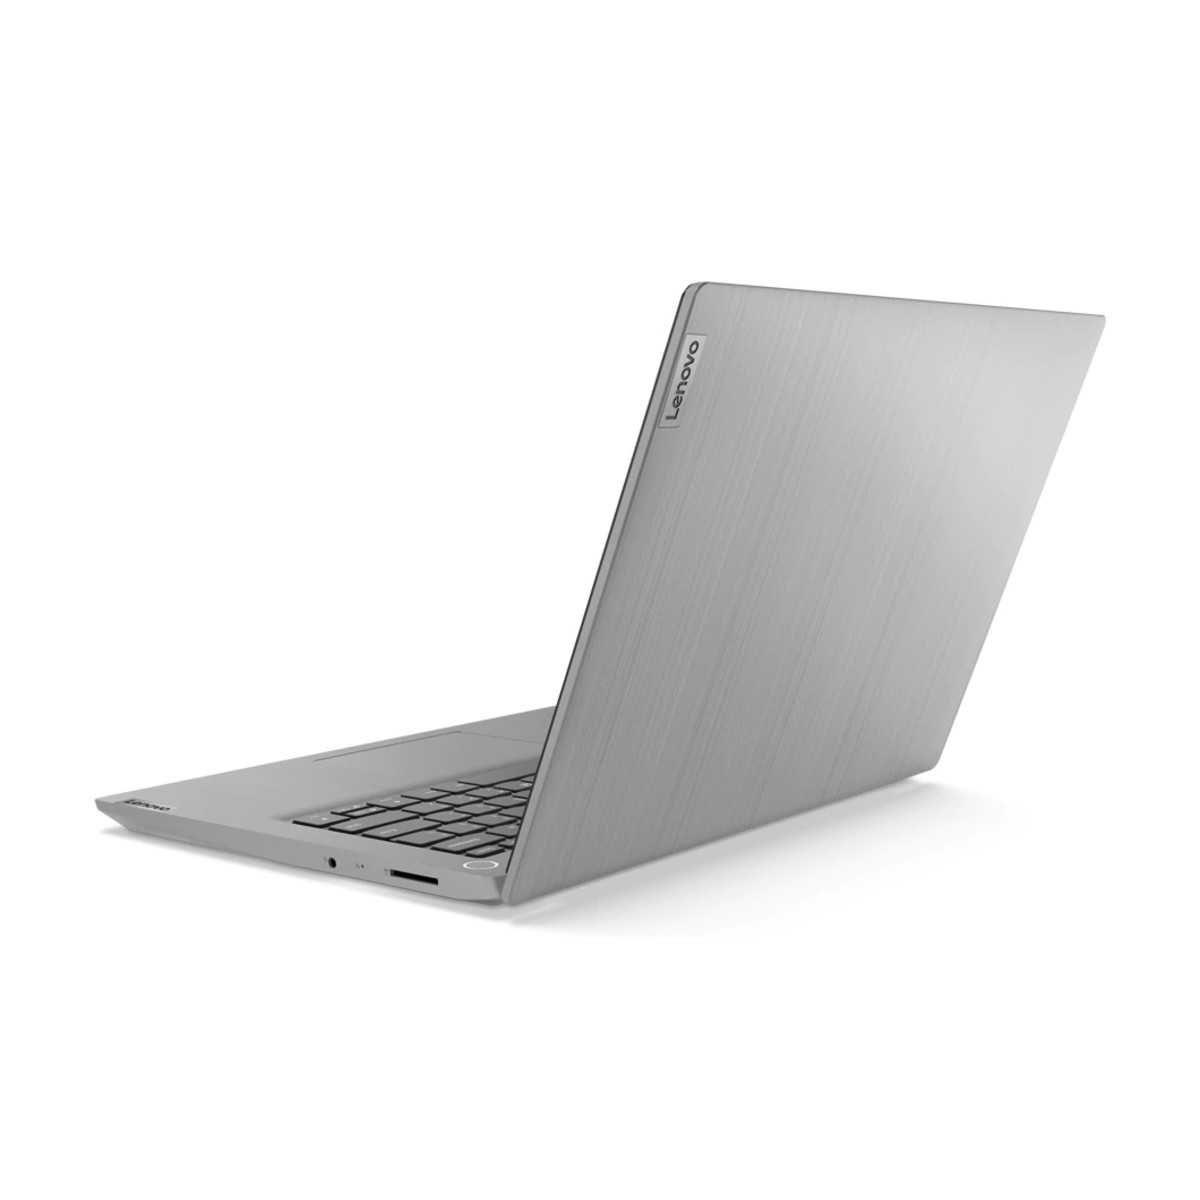 Lenovo IdeaPad 3 14 Intel